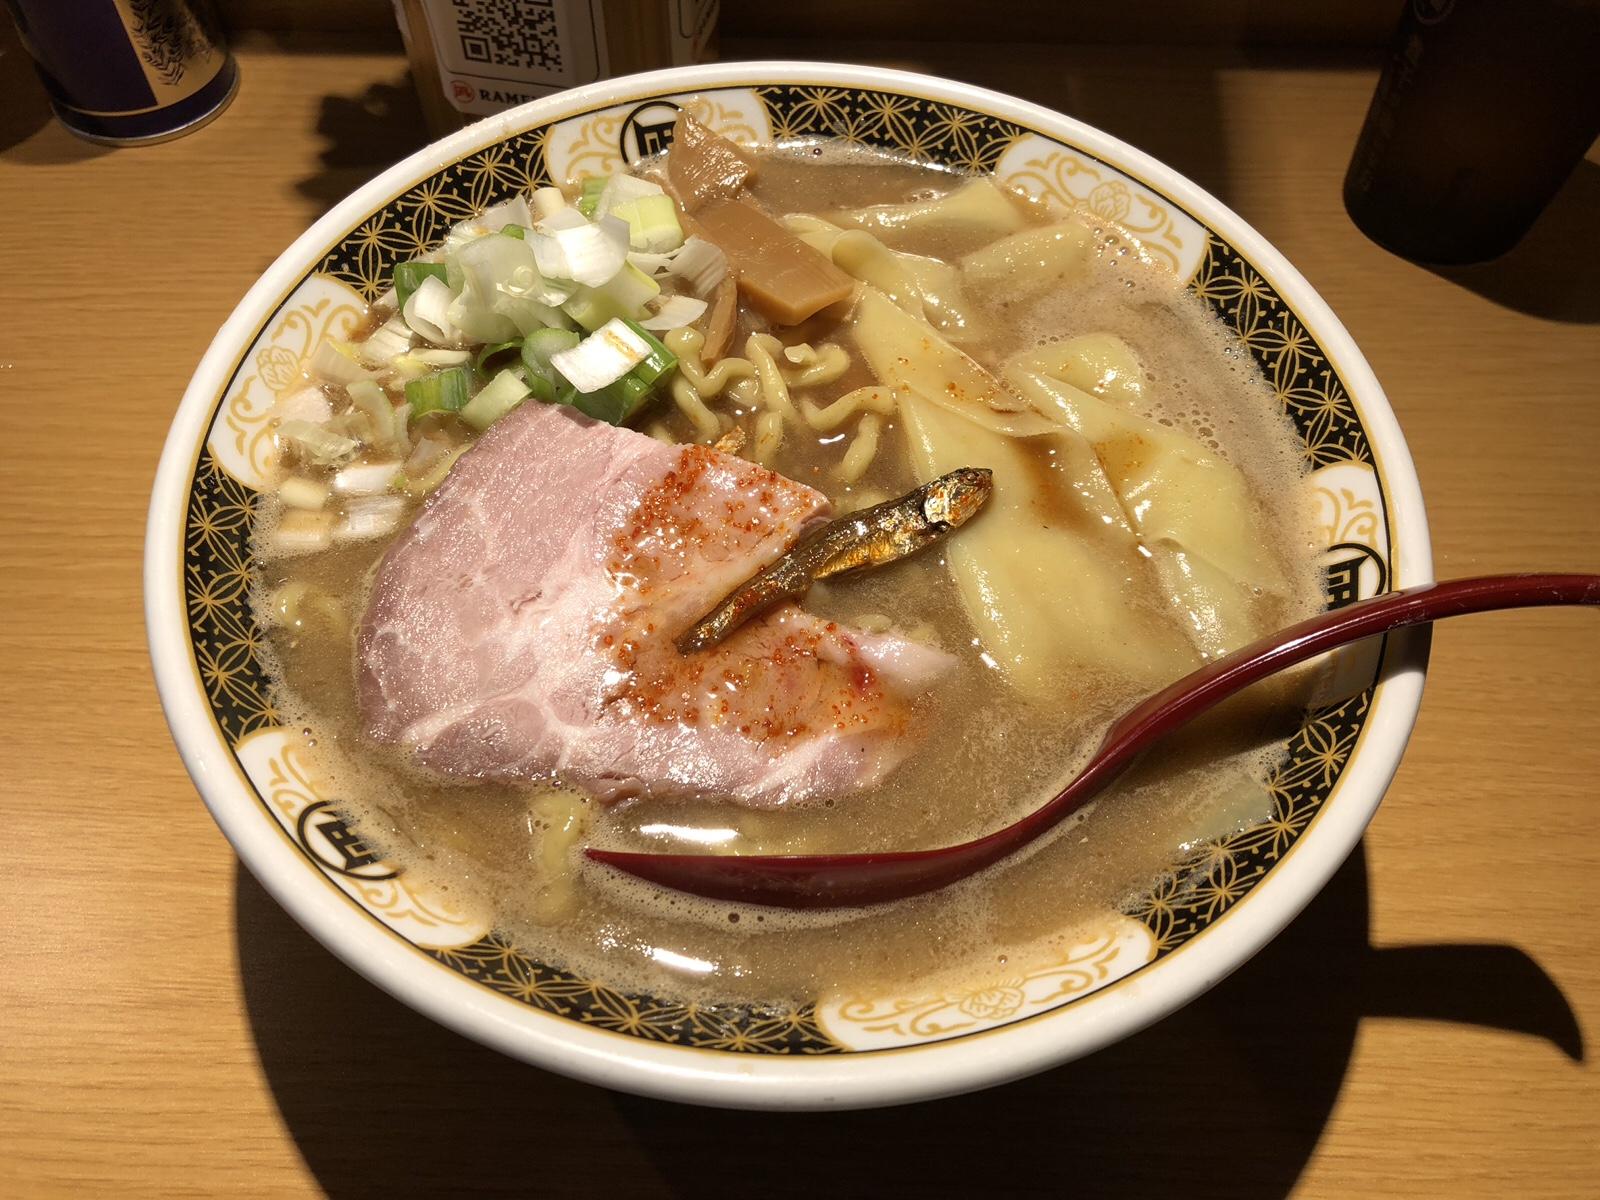 来たれ!ニボラー!すごい煮干しラーメン「凪」西新宿店